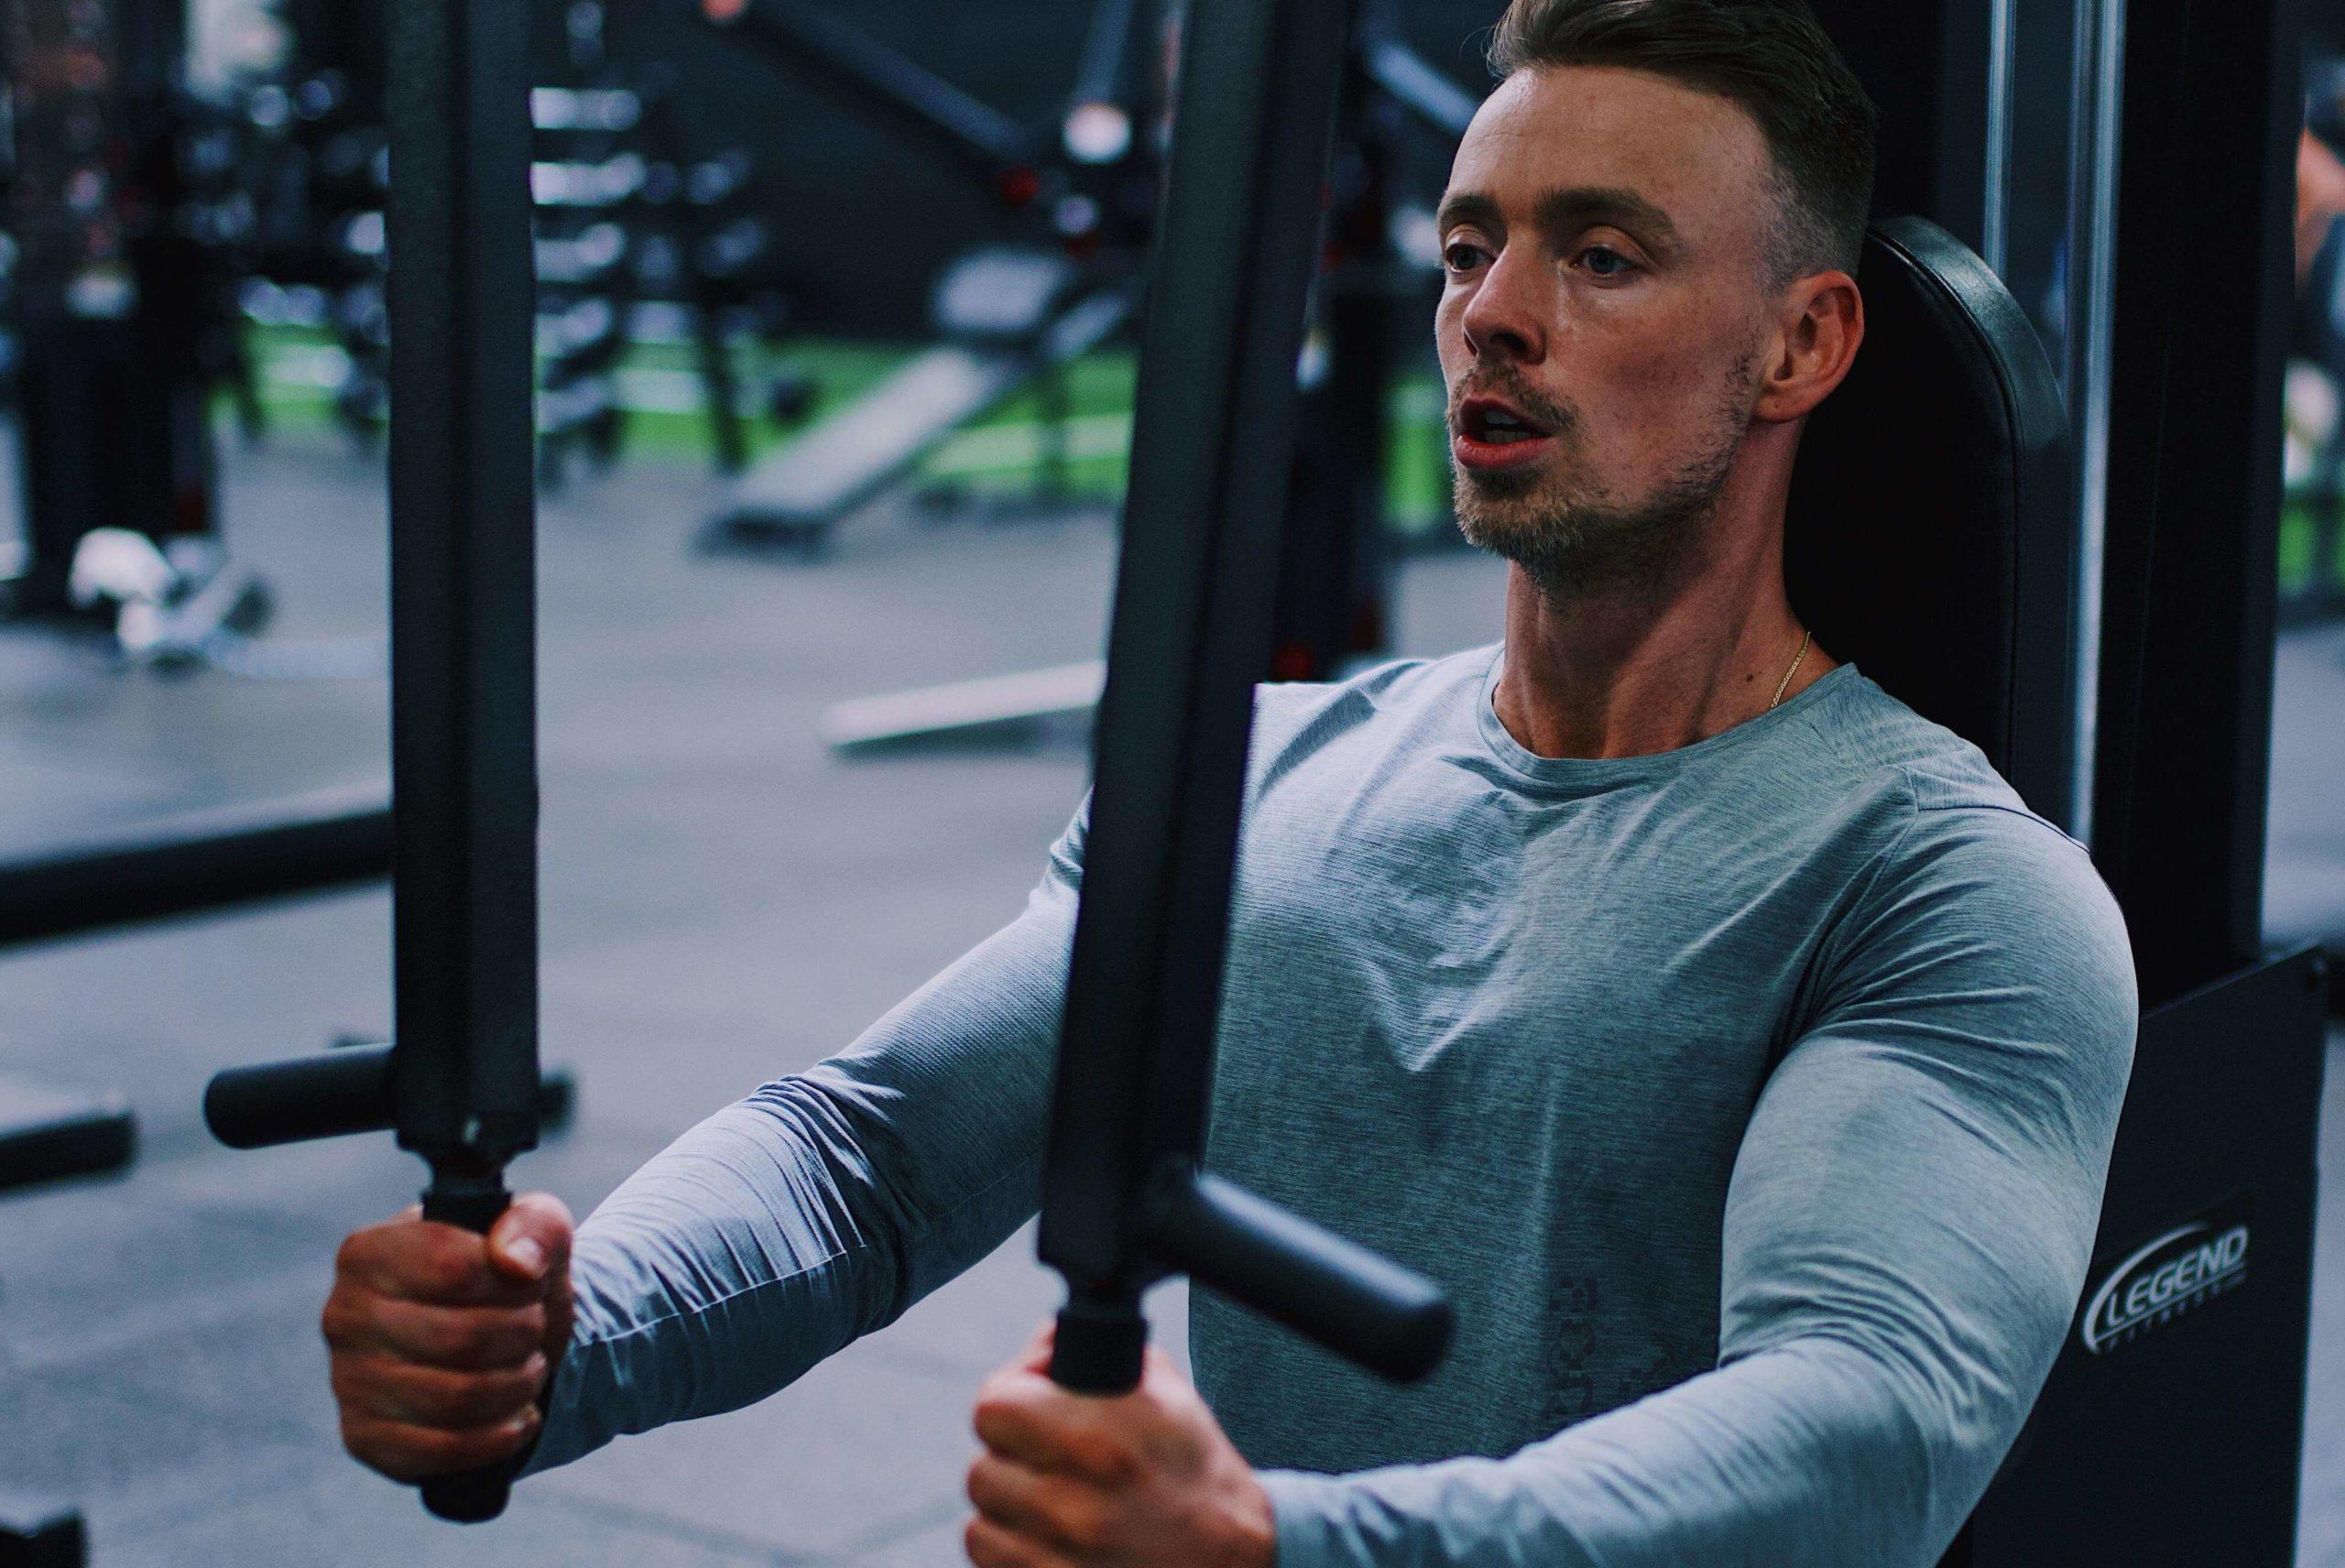 Man Lifting at a Gym